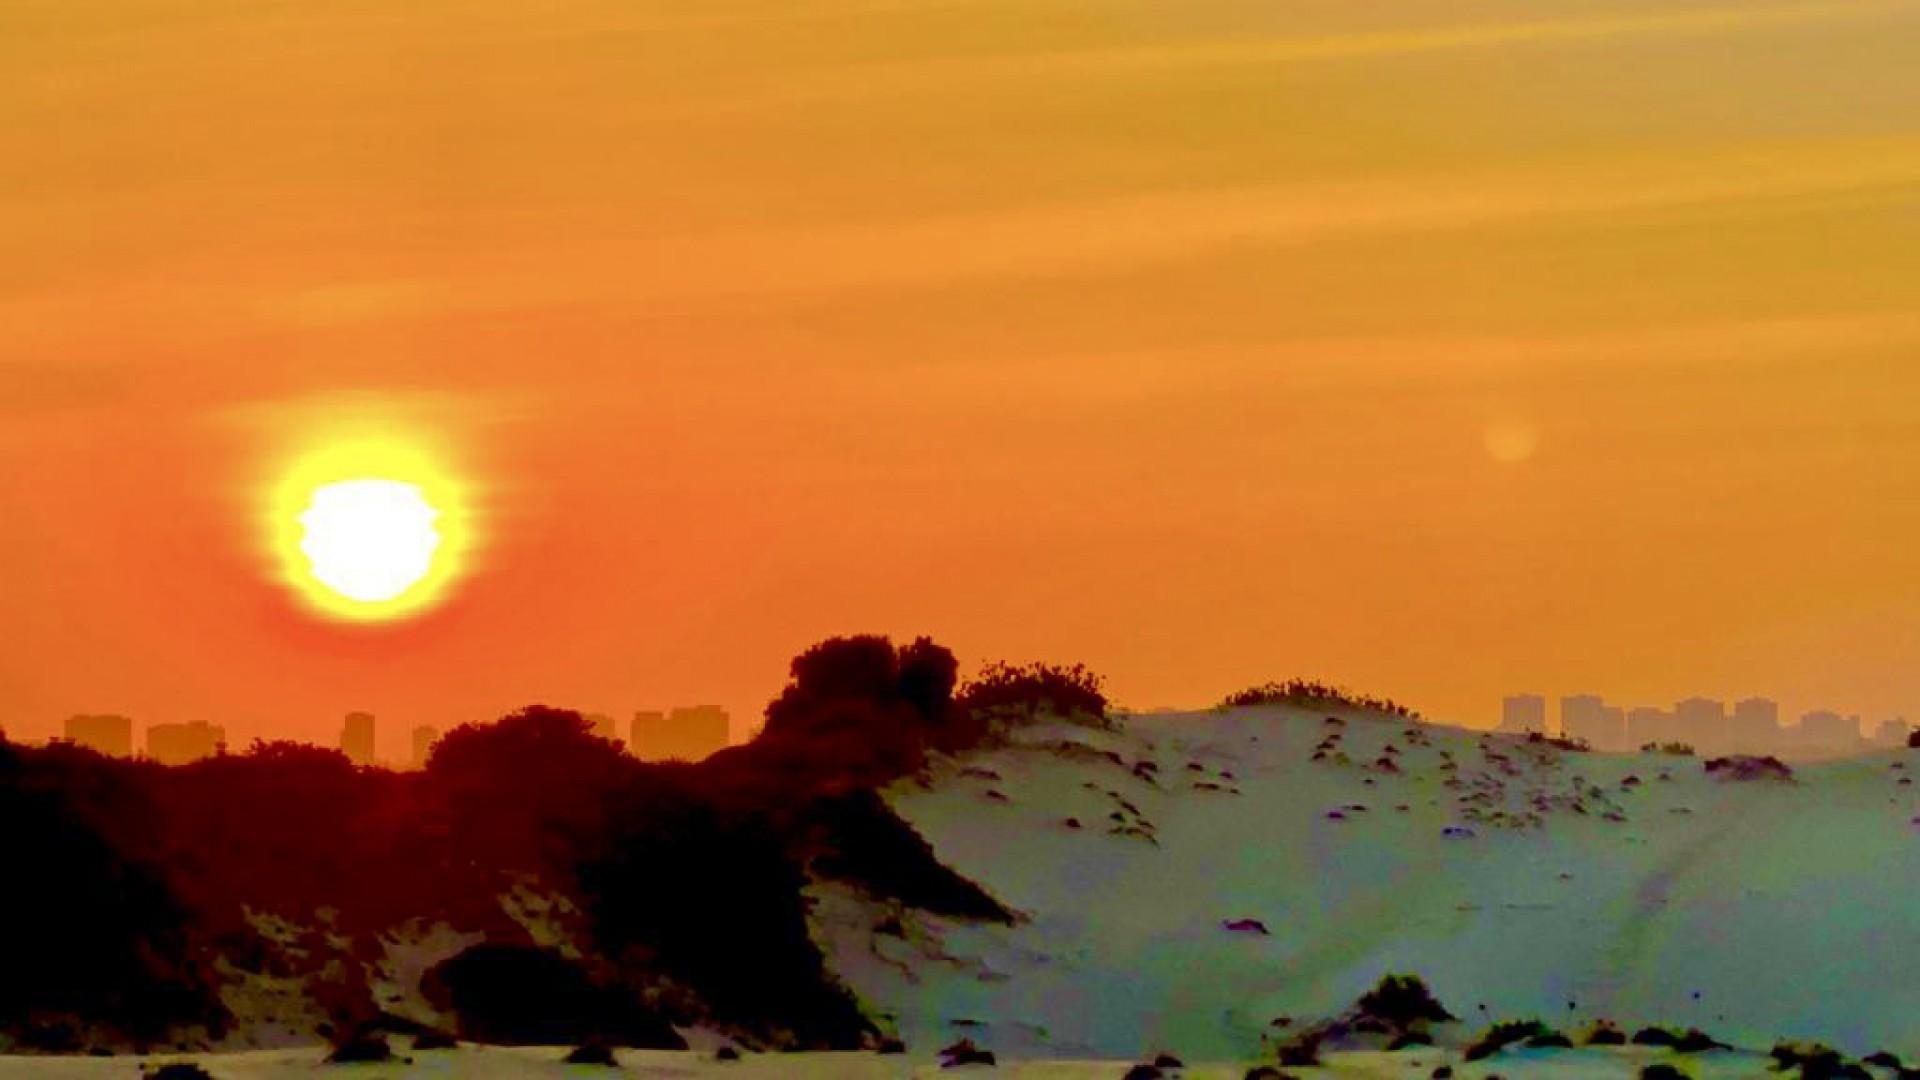 O ritual dos verões quentes e ventosos: a época dos megaincêndios está de volta